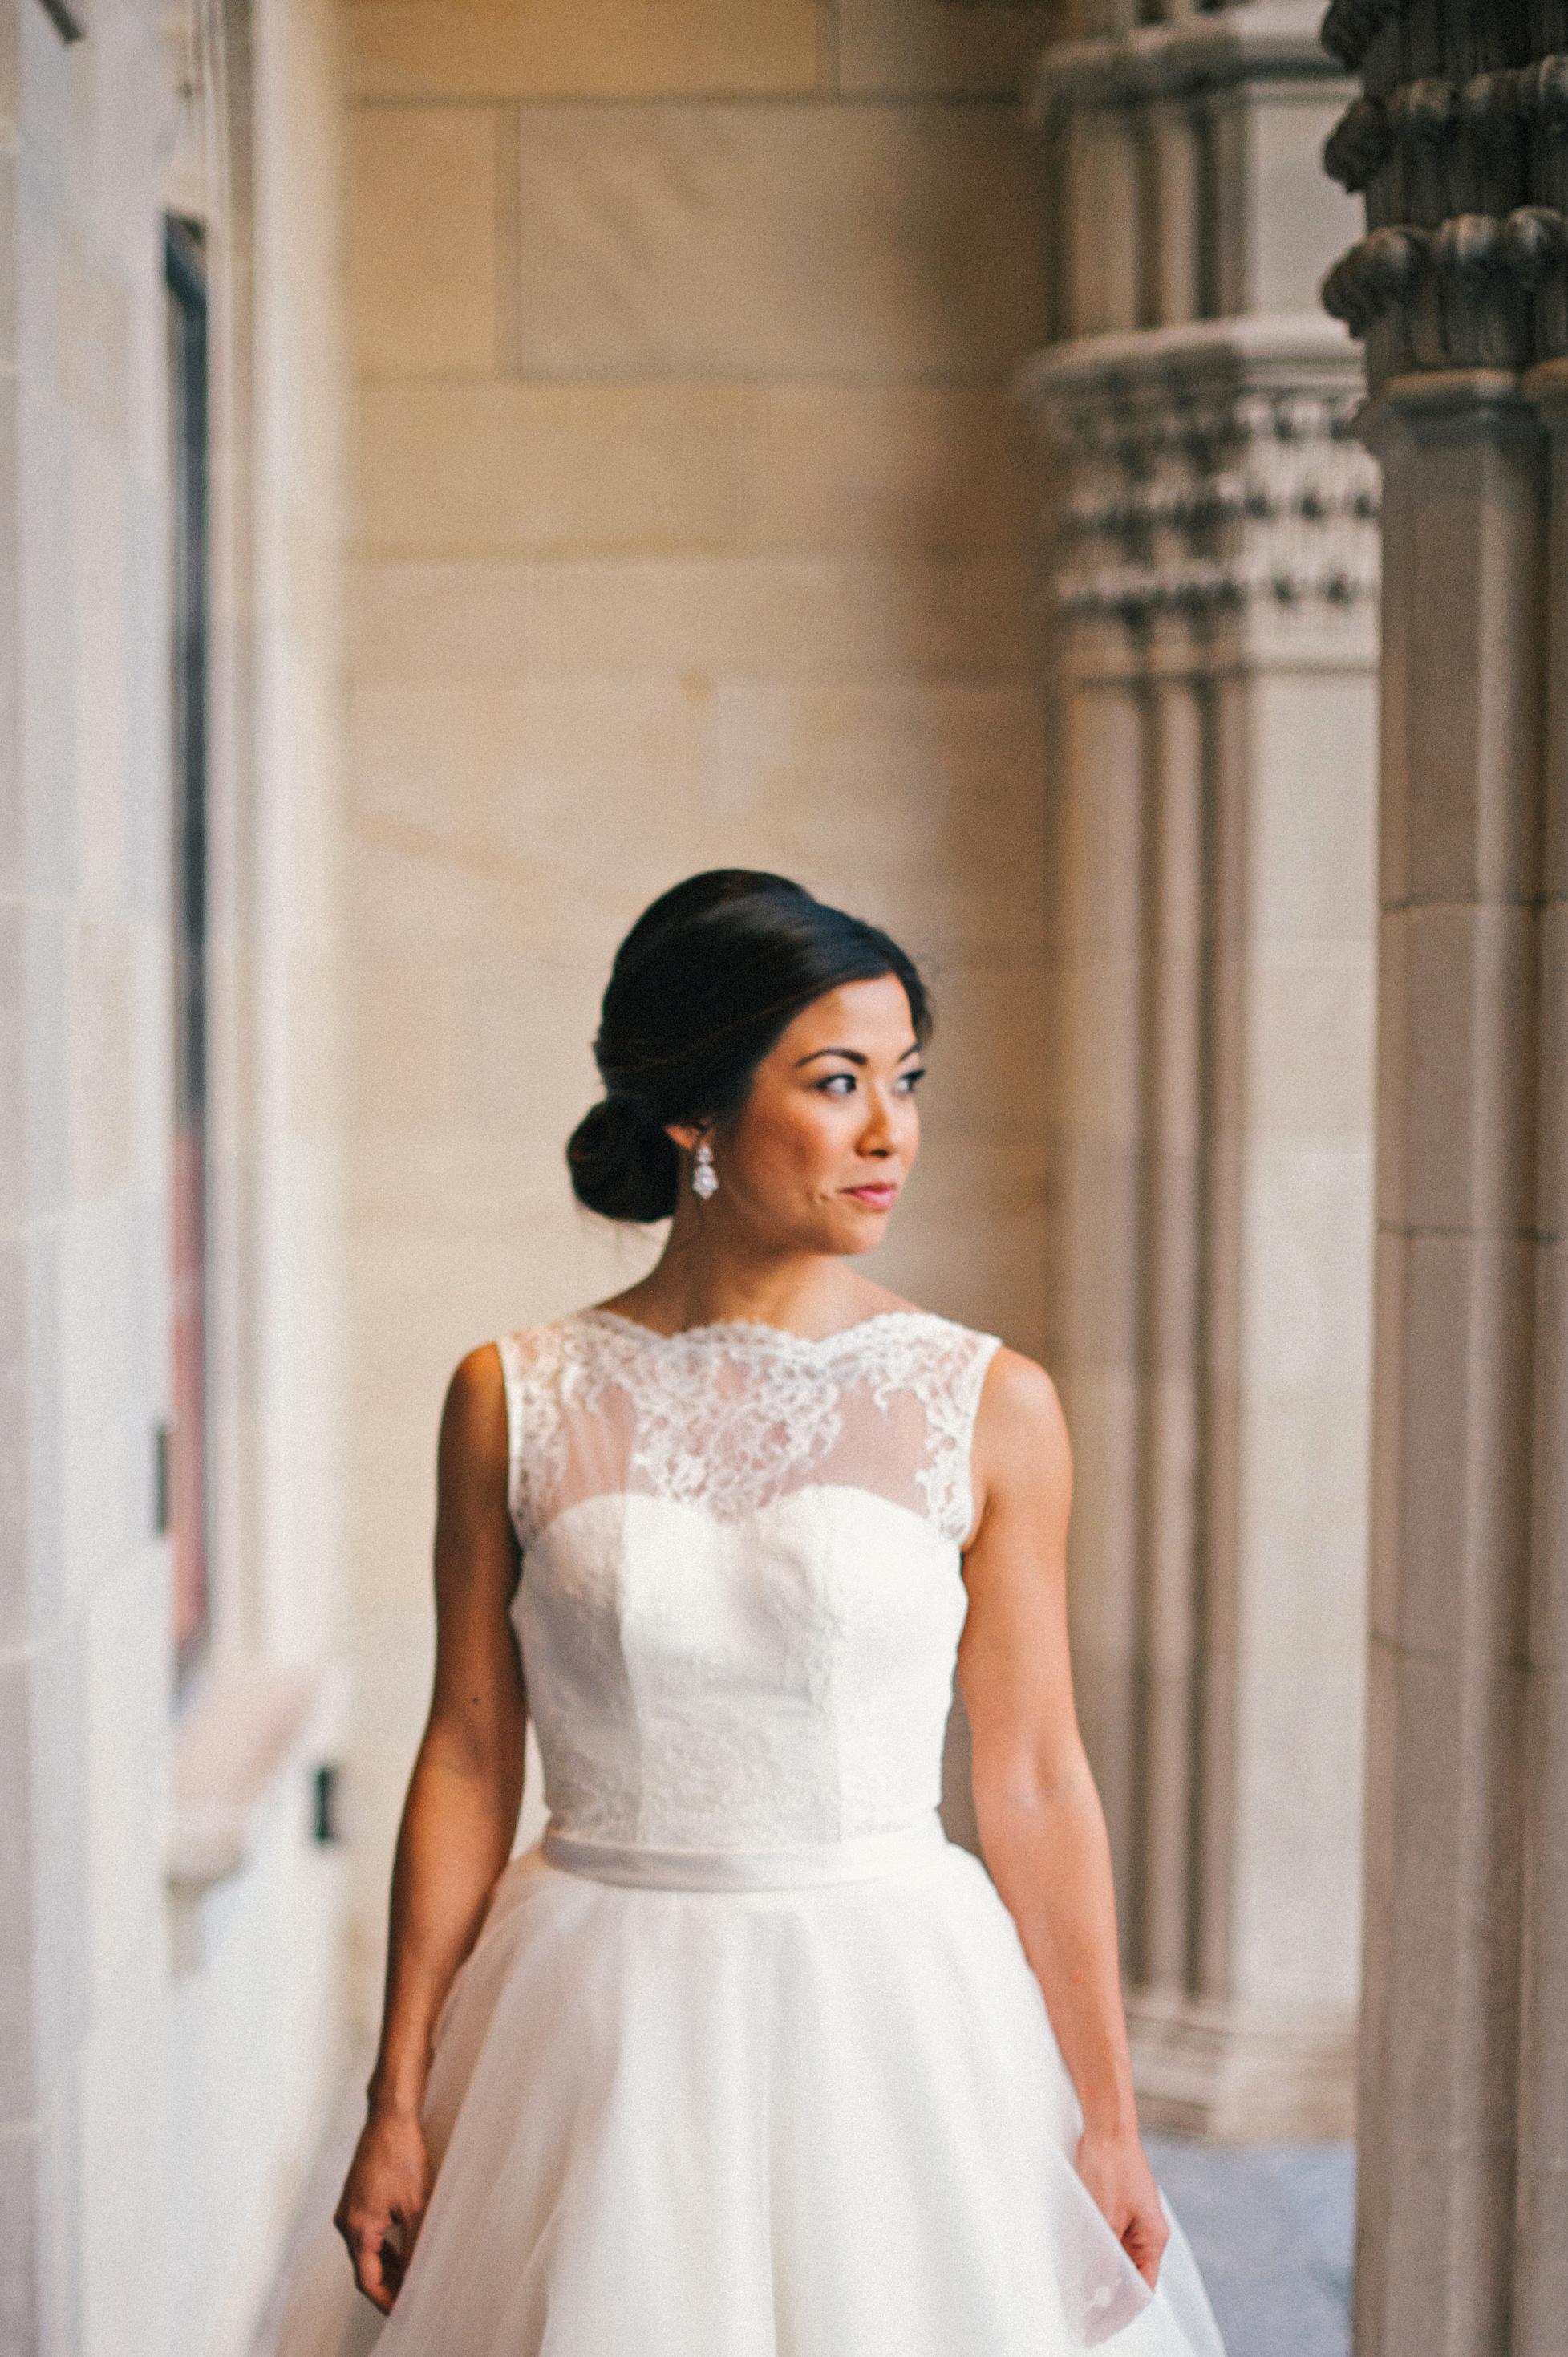 boat neck wedding dresses still